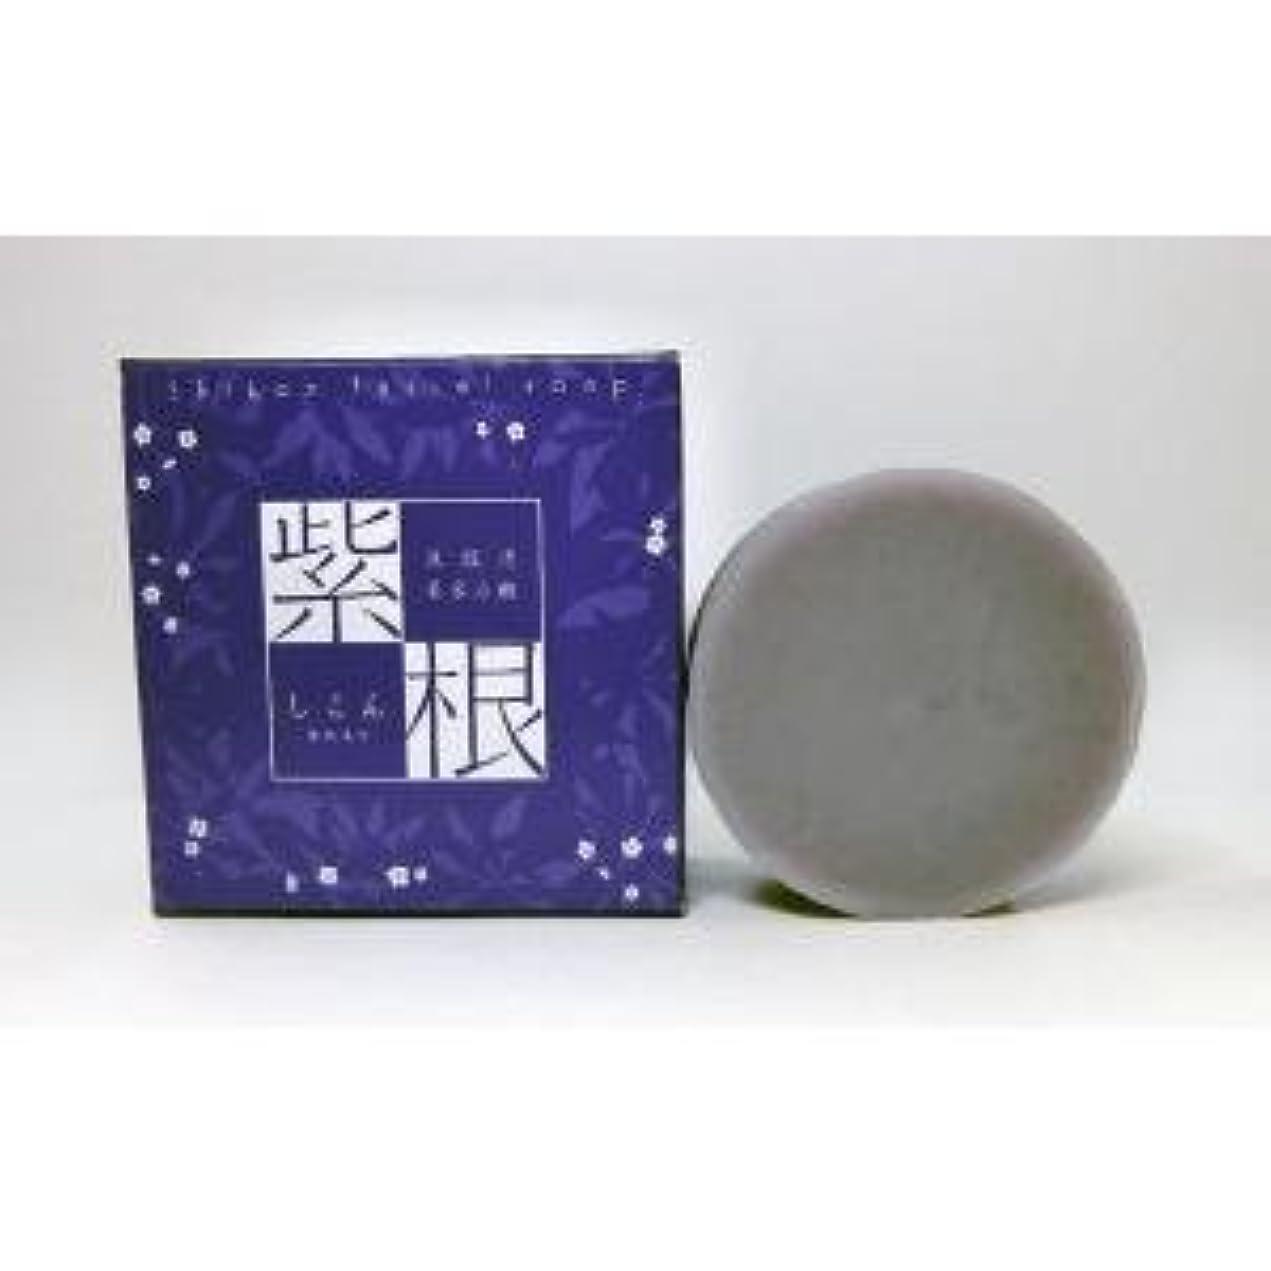 禁輸詳細な紫根石鹸 100g×5個セット